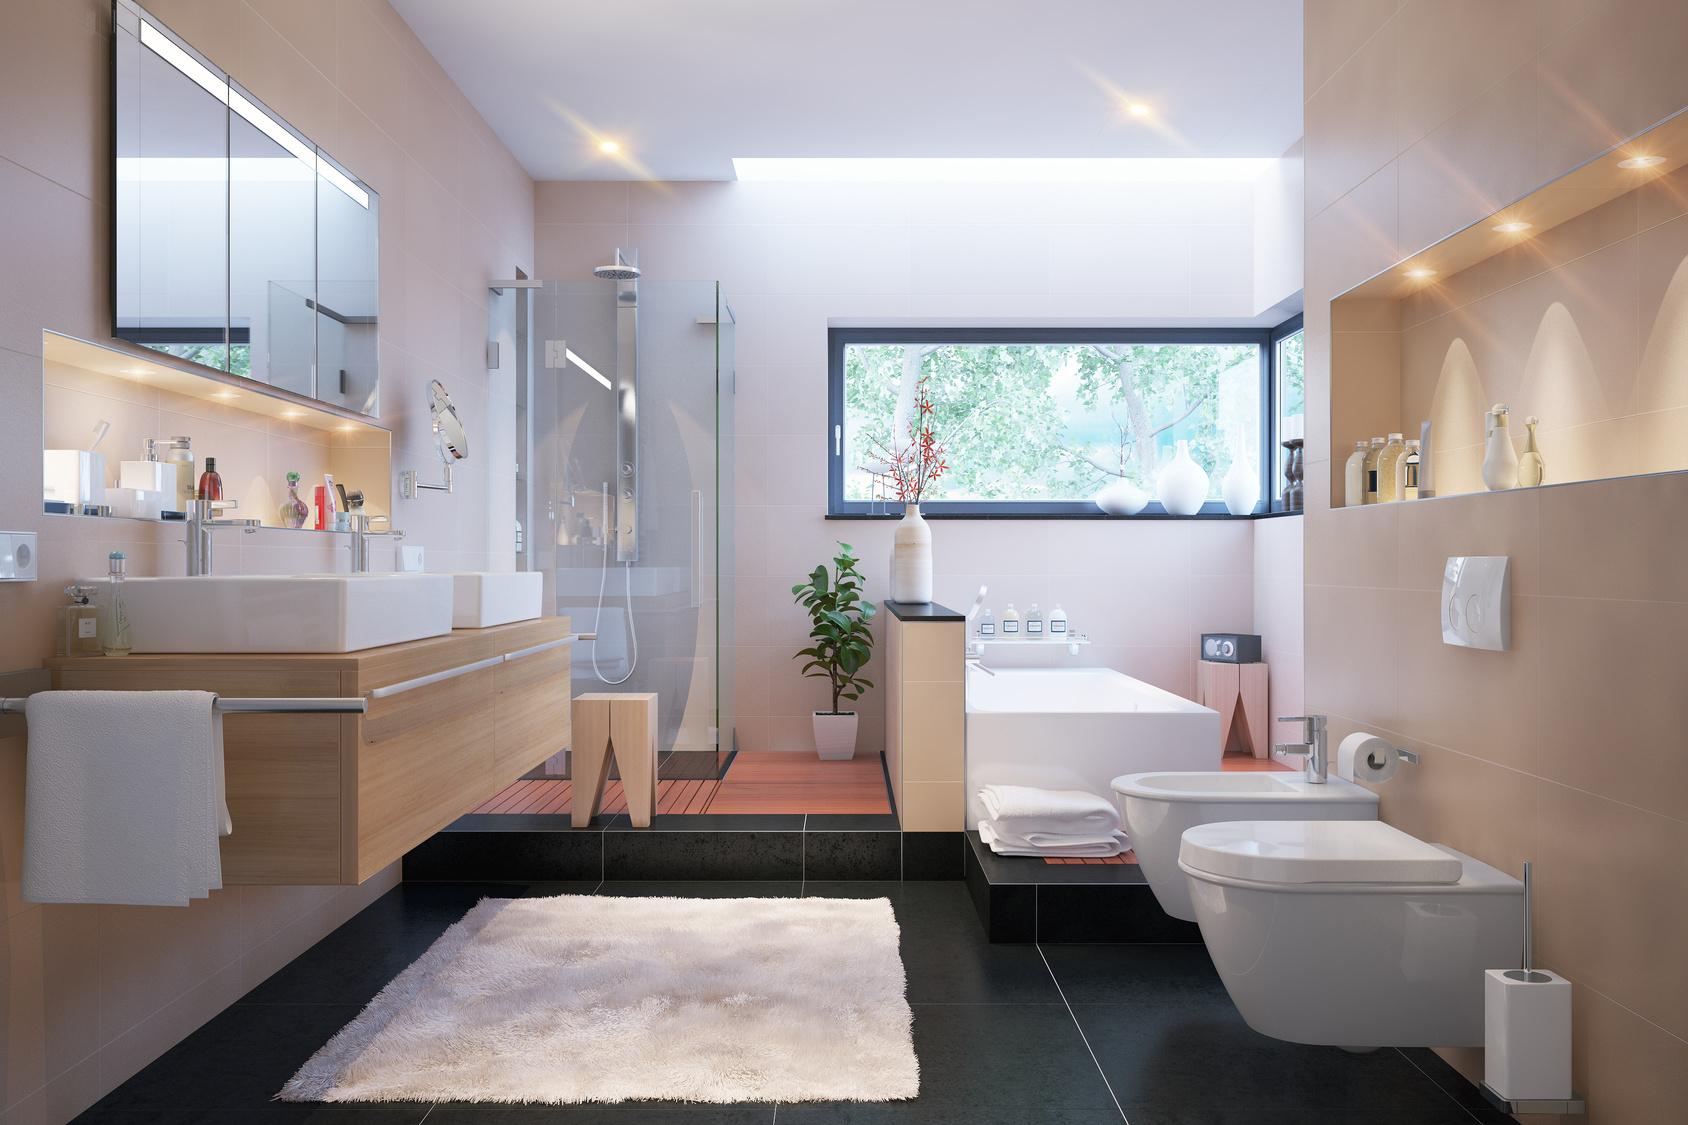 choisir un carrelage au sol pour salle de bain